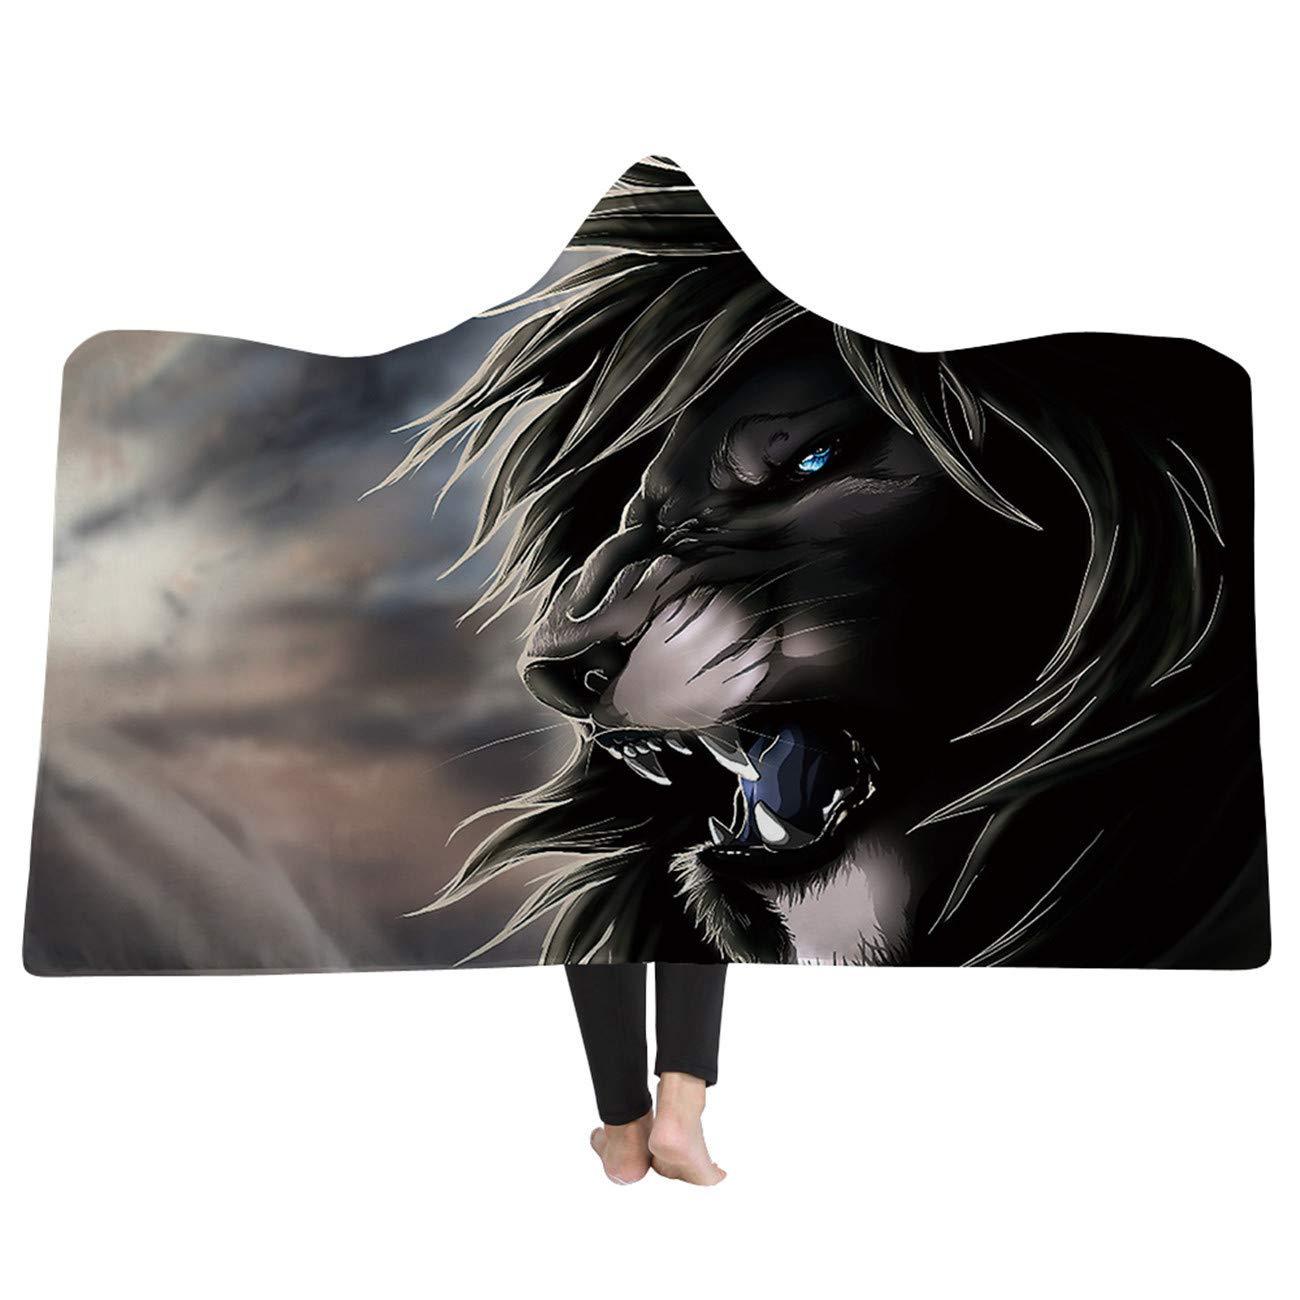 lwfushi 3D AnimalHooded Blanket Wolf Tiger Lion Lifelike Pattern Blanket Super Soft Sherpa Fleece Blankets Warm Wearable Blankets Kids and Adults Cozy Blankets (Adults 59''x 79'' inch) by AMTAN